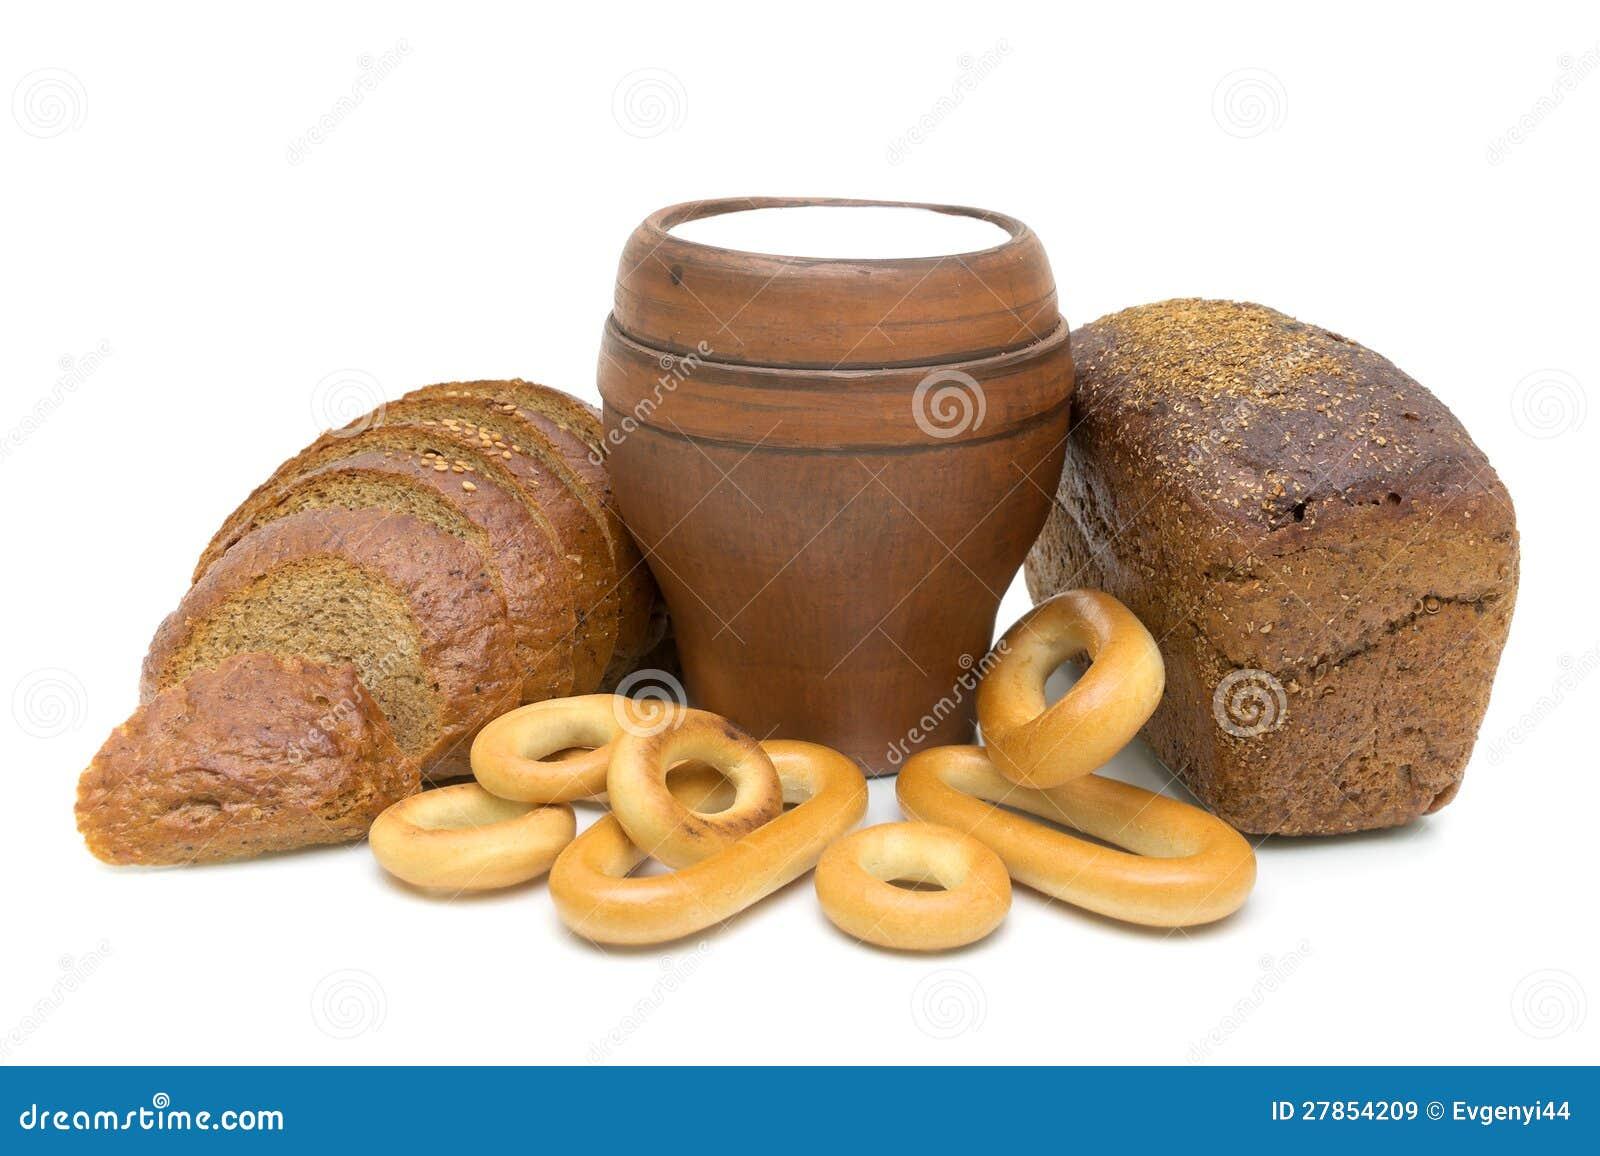 Chleb i mleko w szkle na biały tle